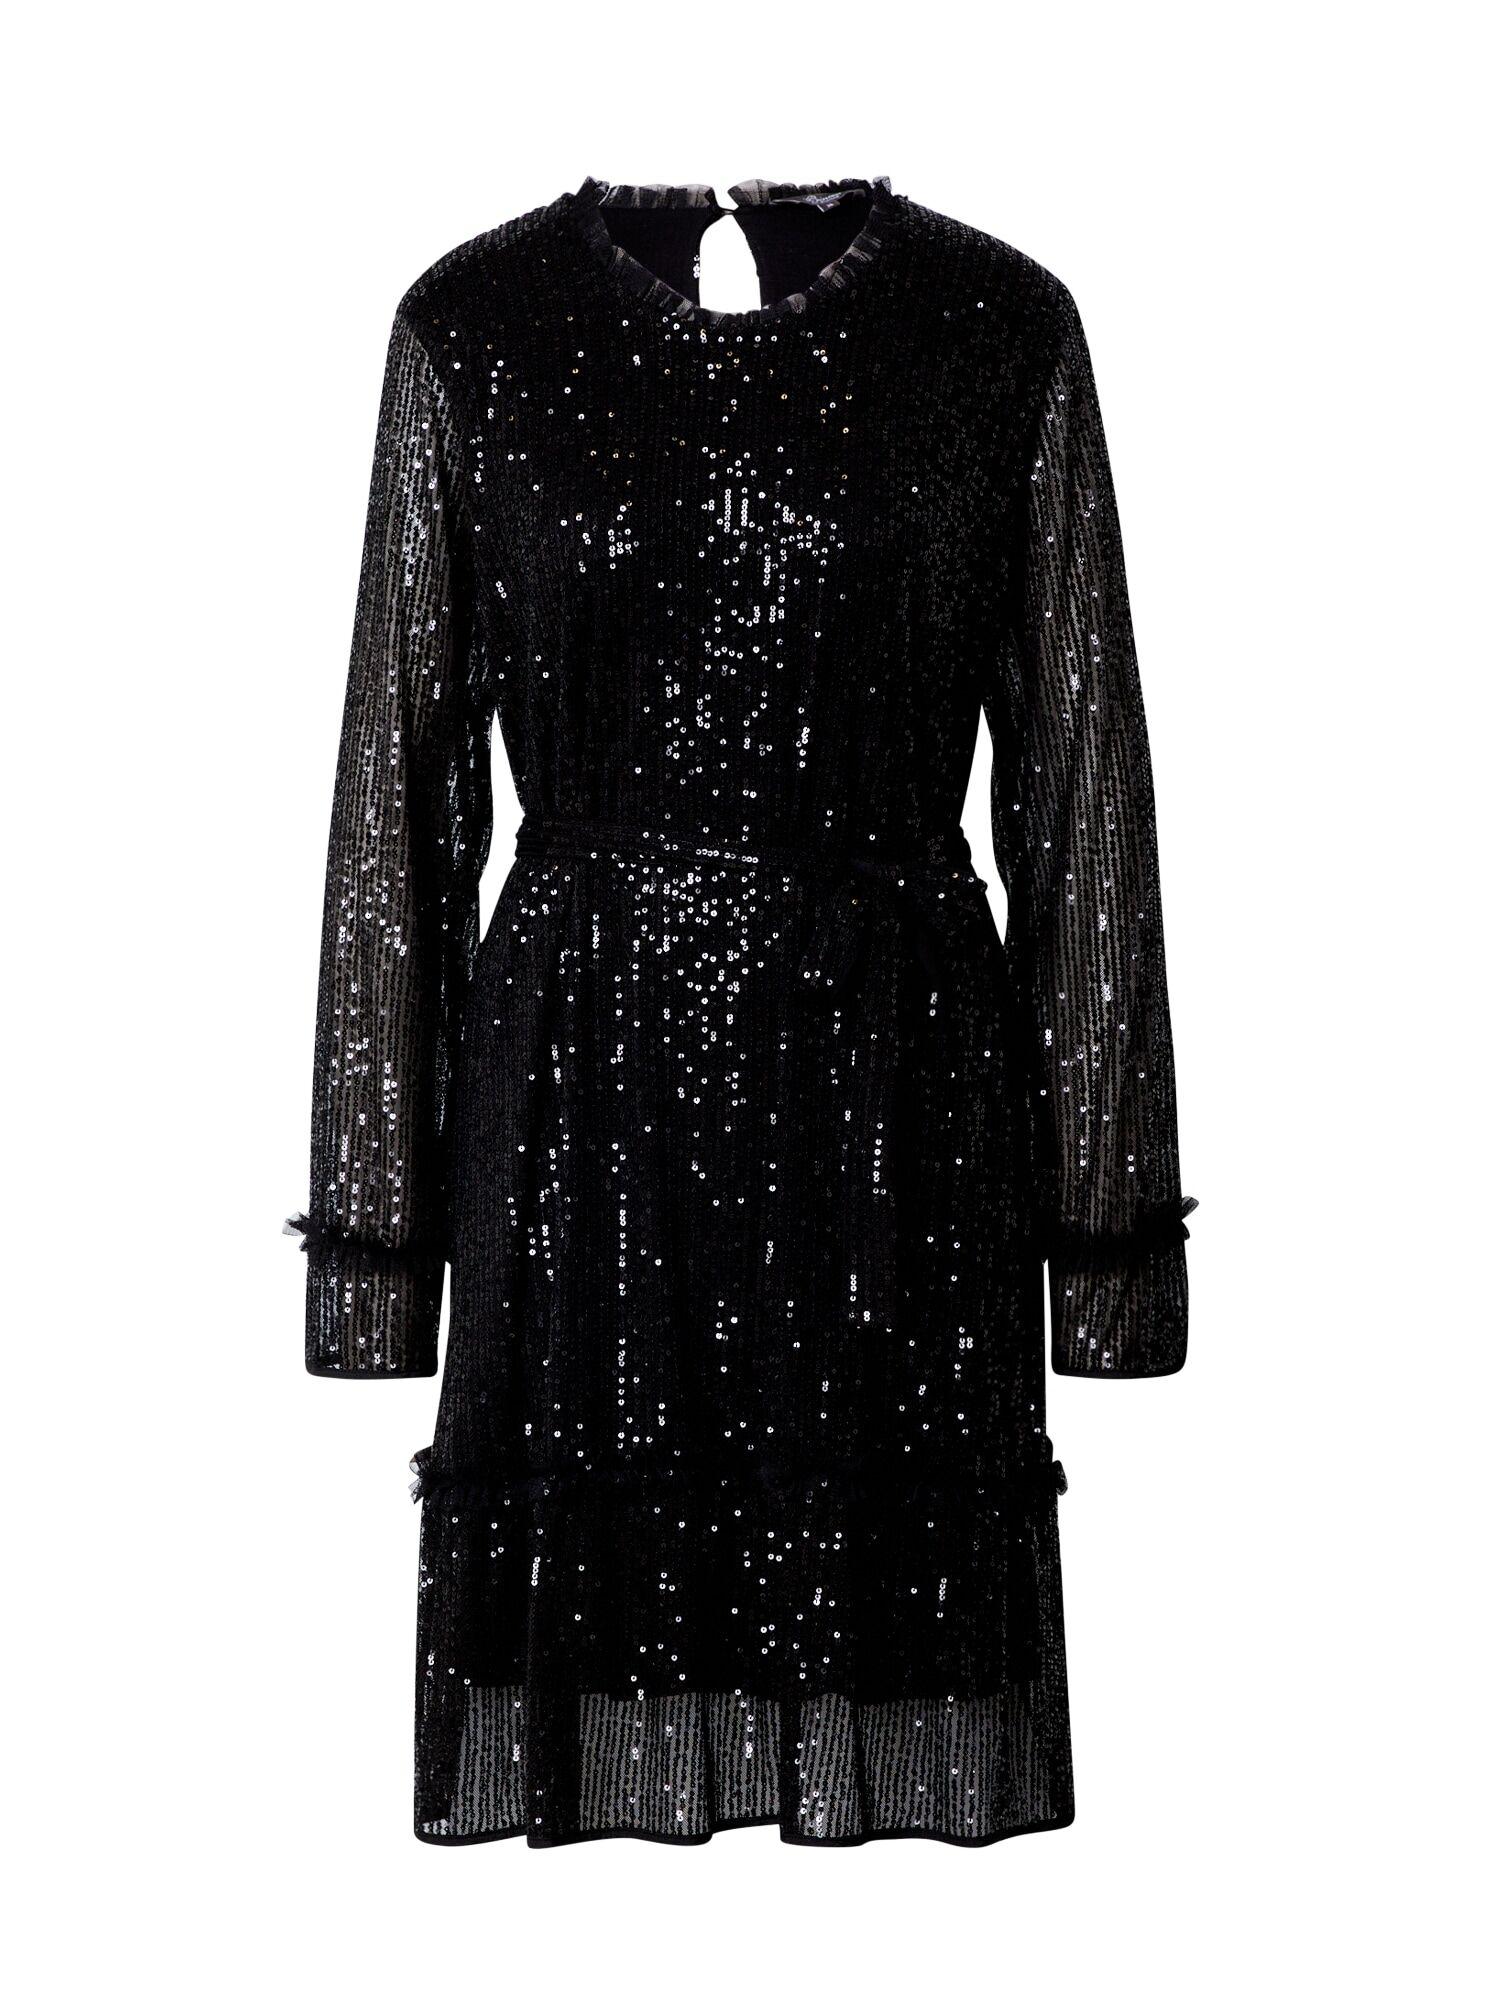 Princess Robe de cocktail 'Luxury'  - Noir - Taille: 38 - female